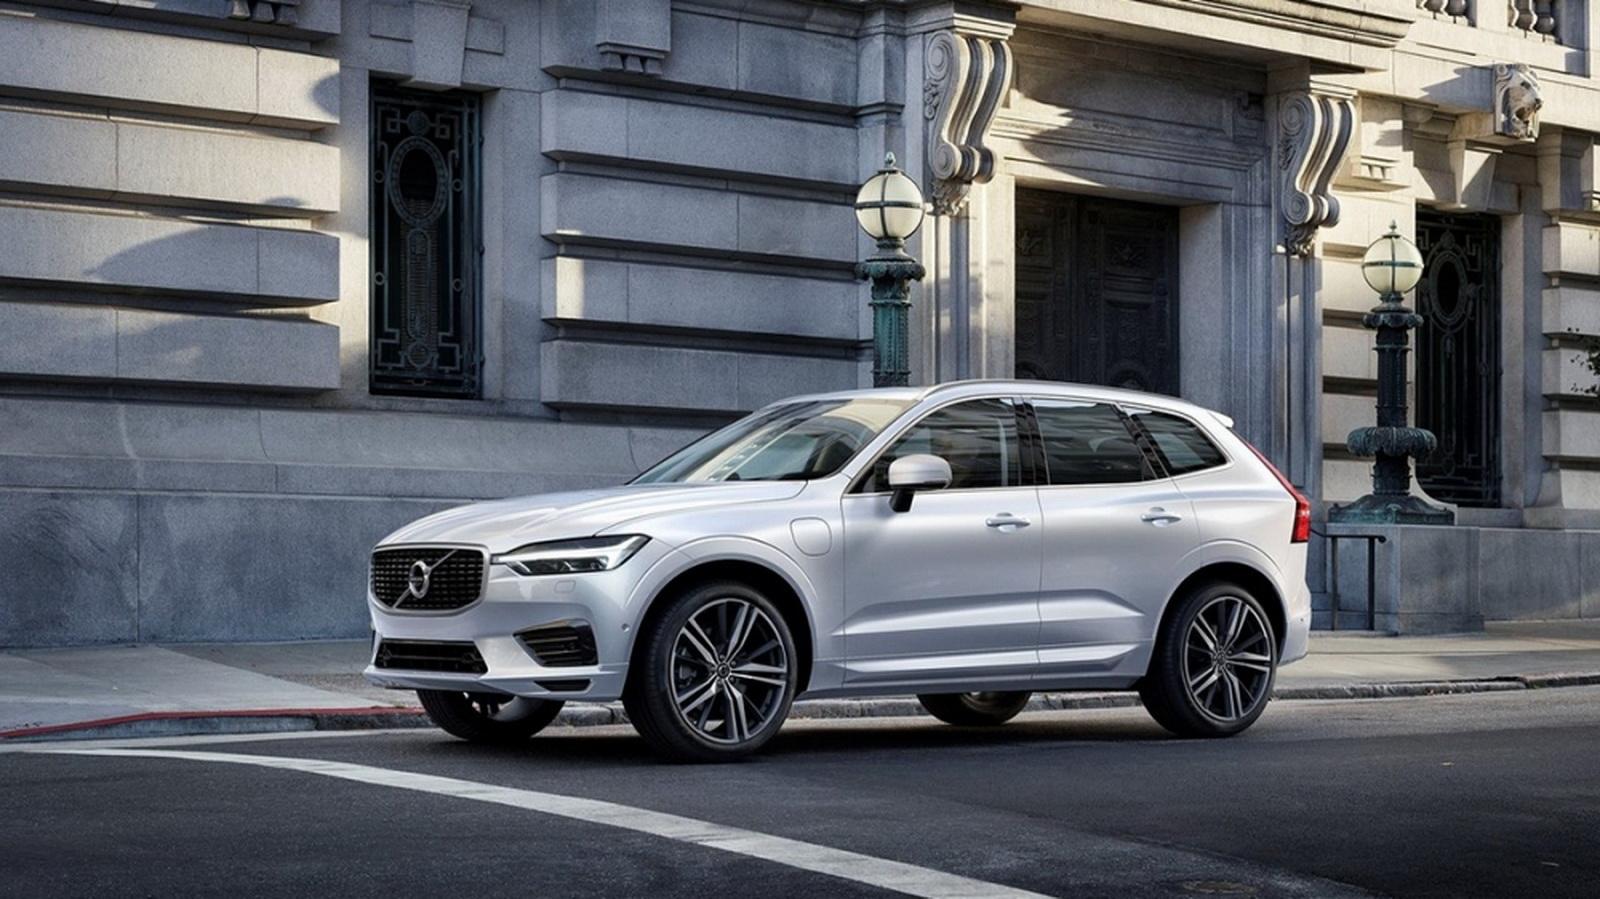 圖/2020 Volvo XC60 D4 Momentum設計上導入「雷神之鎚」概念,車身充滿力量感的鈑件折線,造就低重心的視覺感受。